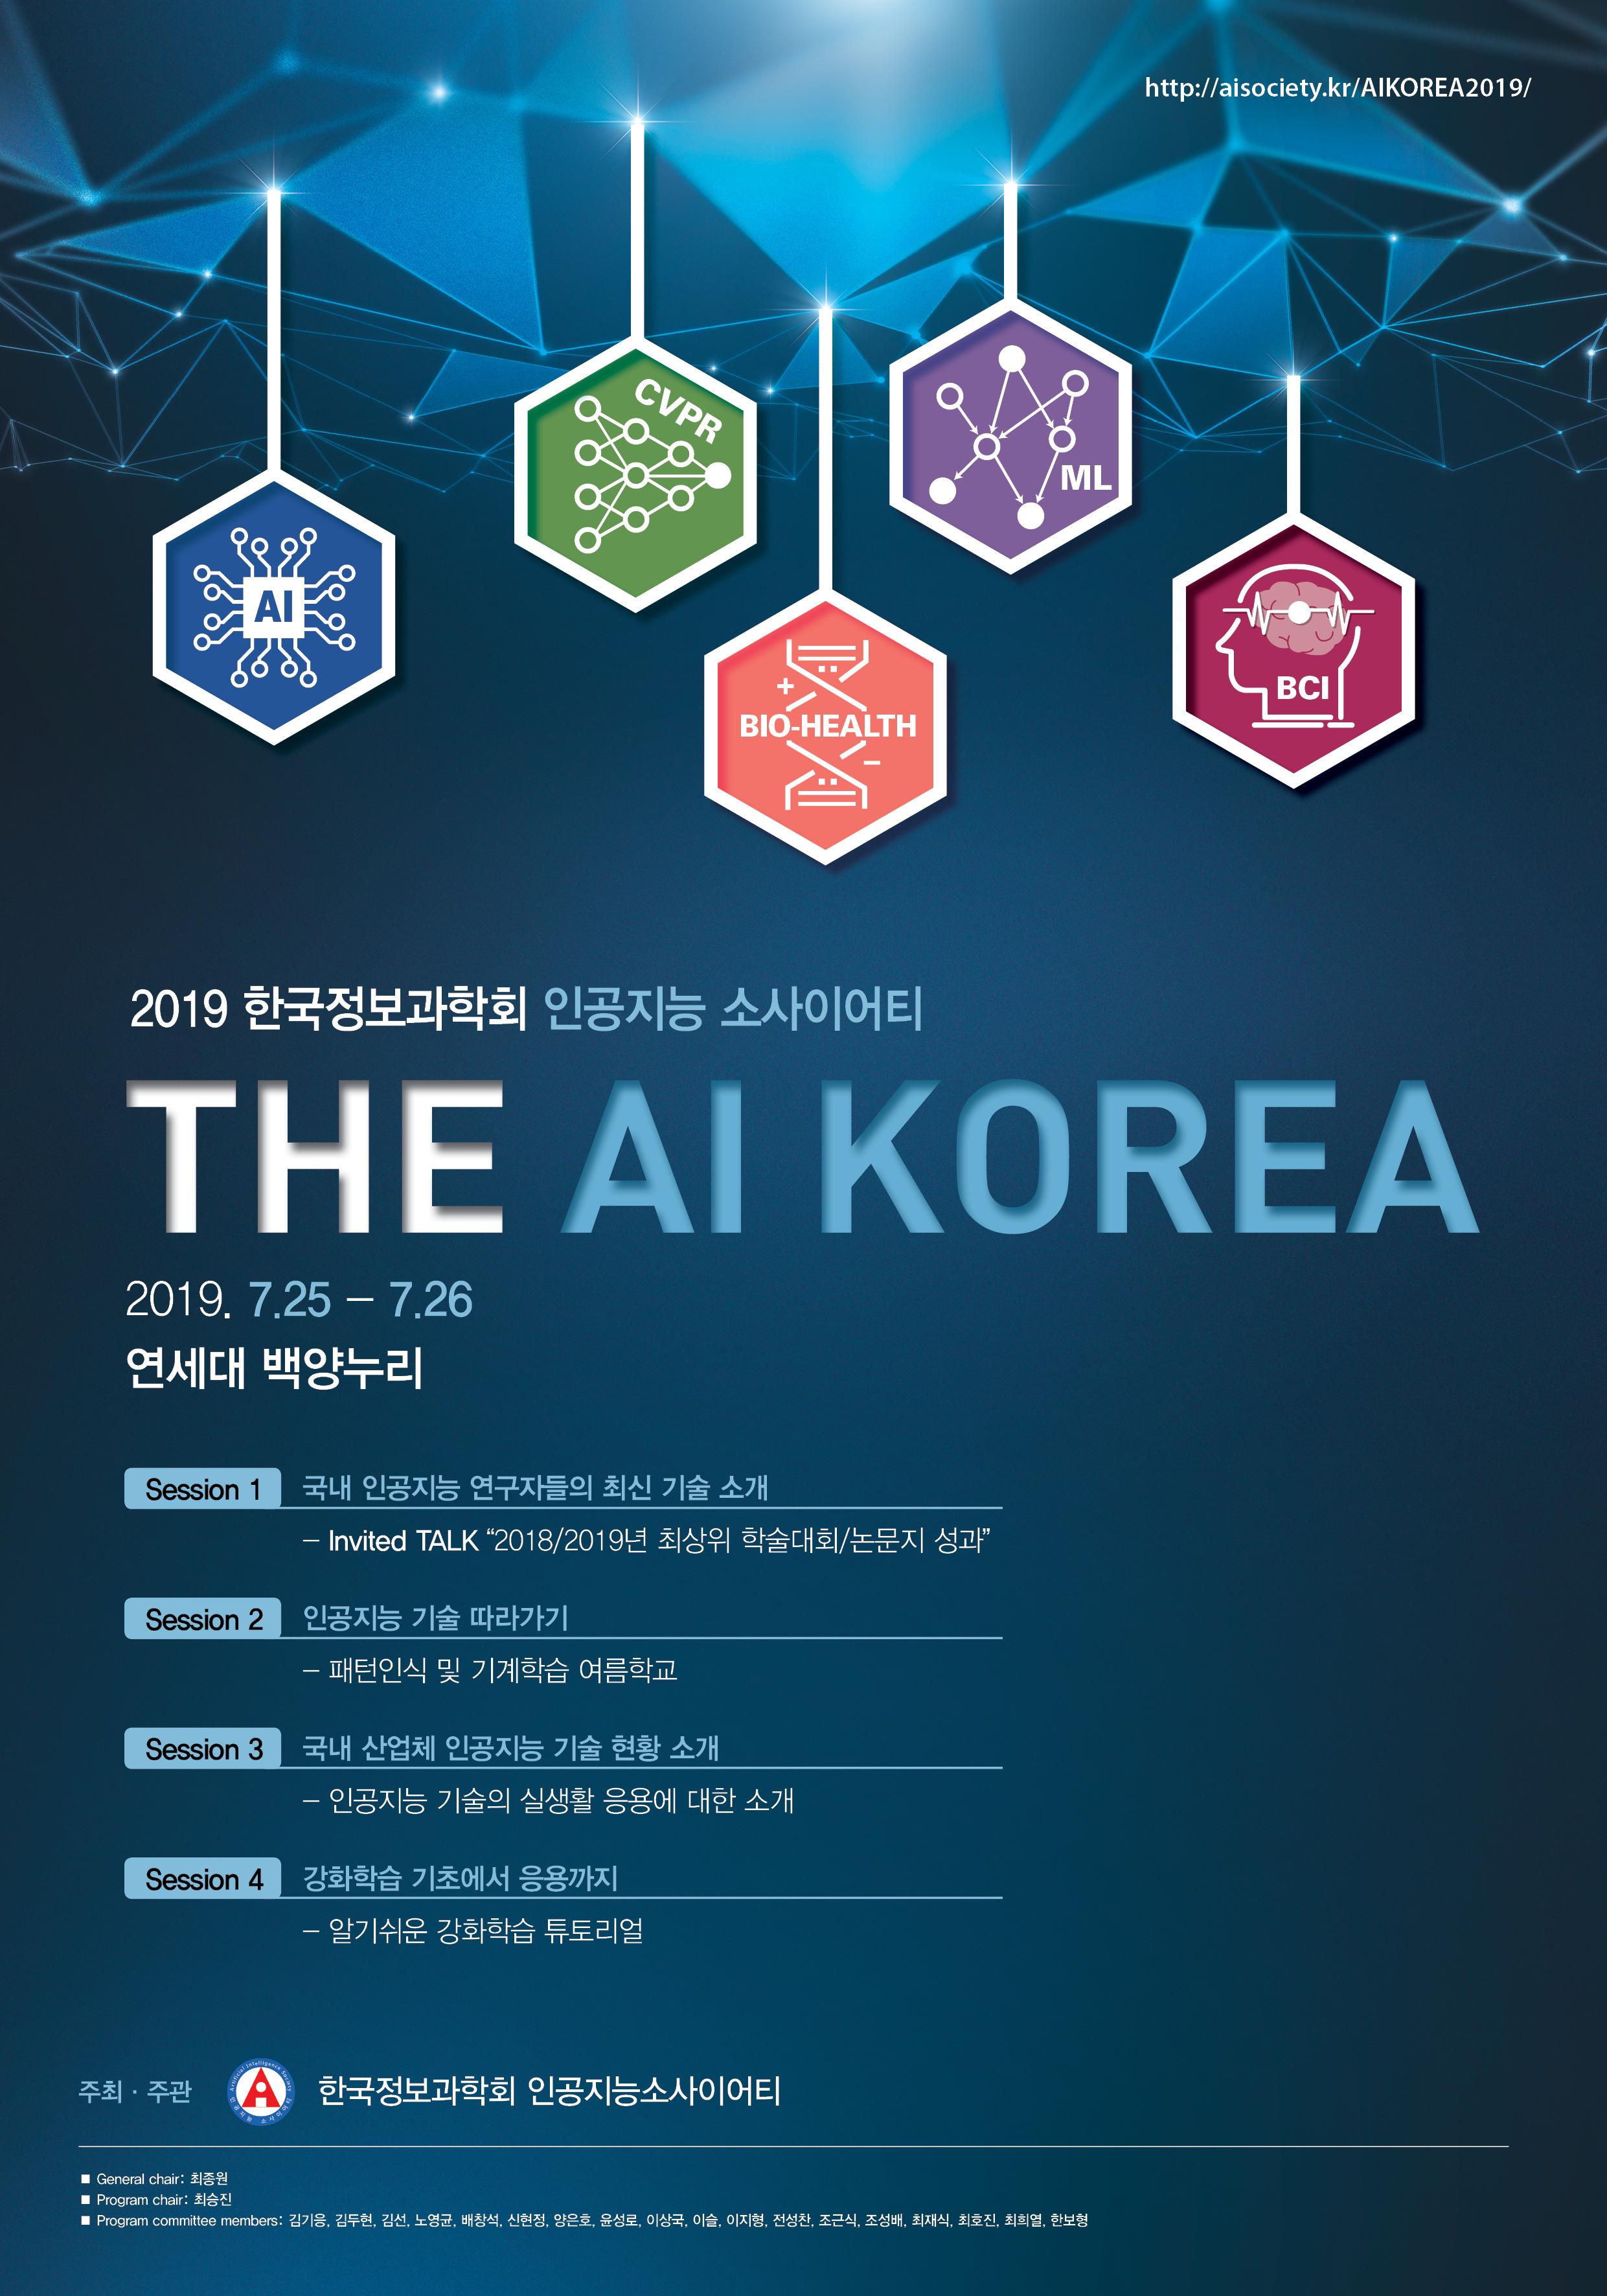 http://aisociety.kr/AIKOREA2019/images/2019_AI_Korea.jpg